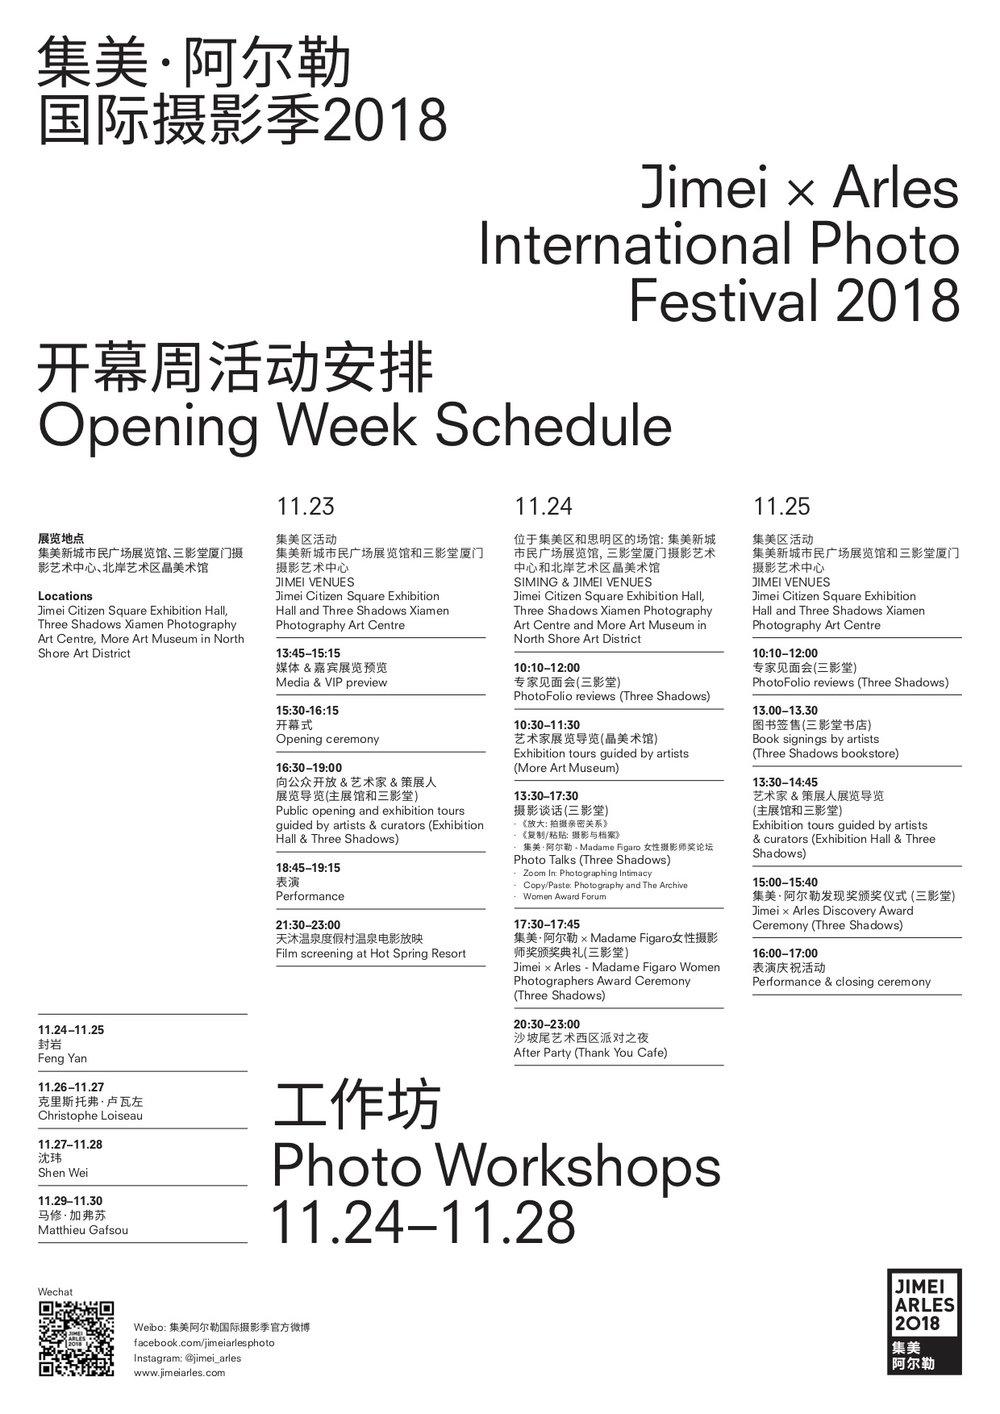 JIMEIARLES_Opening weekend schedule Poster_Digital.jpg